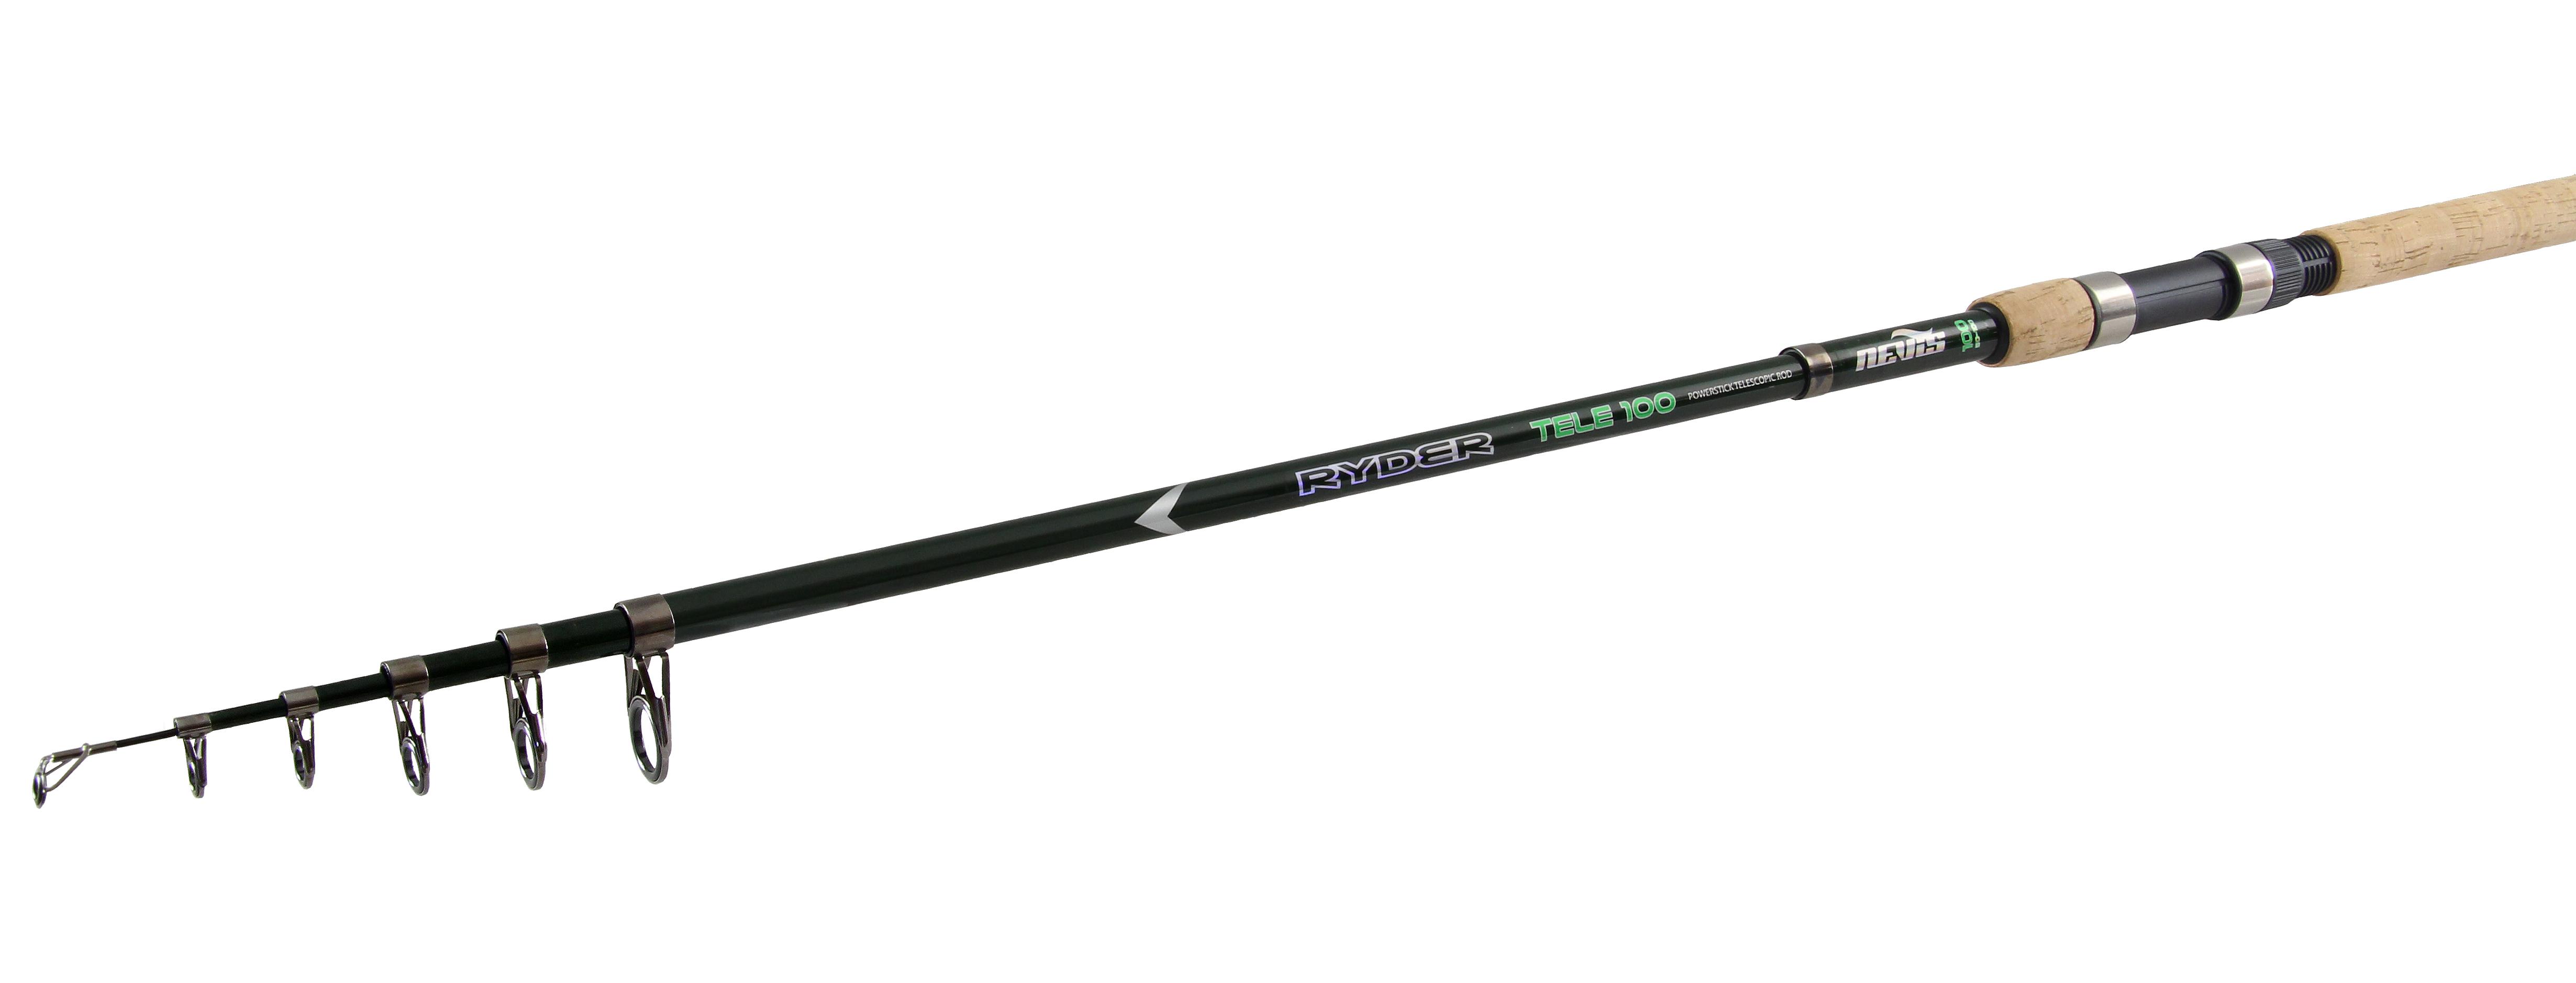 Ryder Tele 3m 50-100g